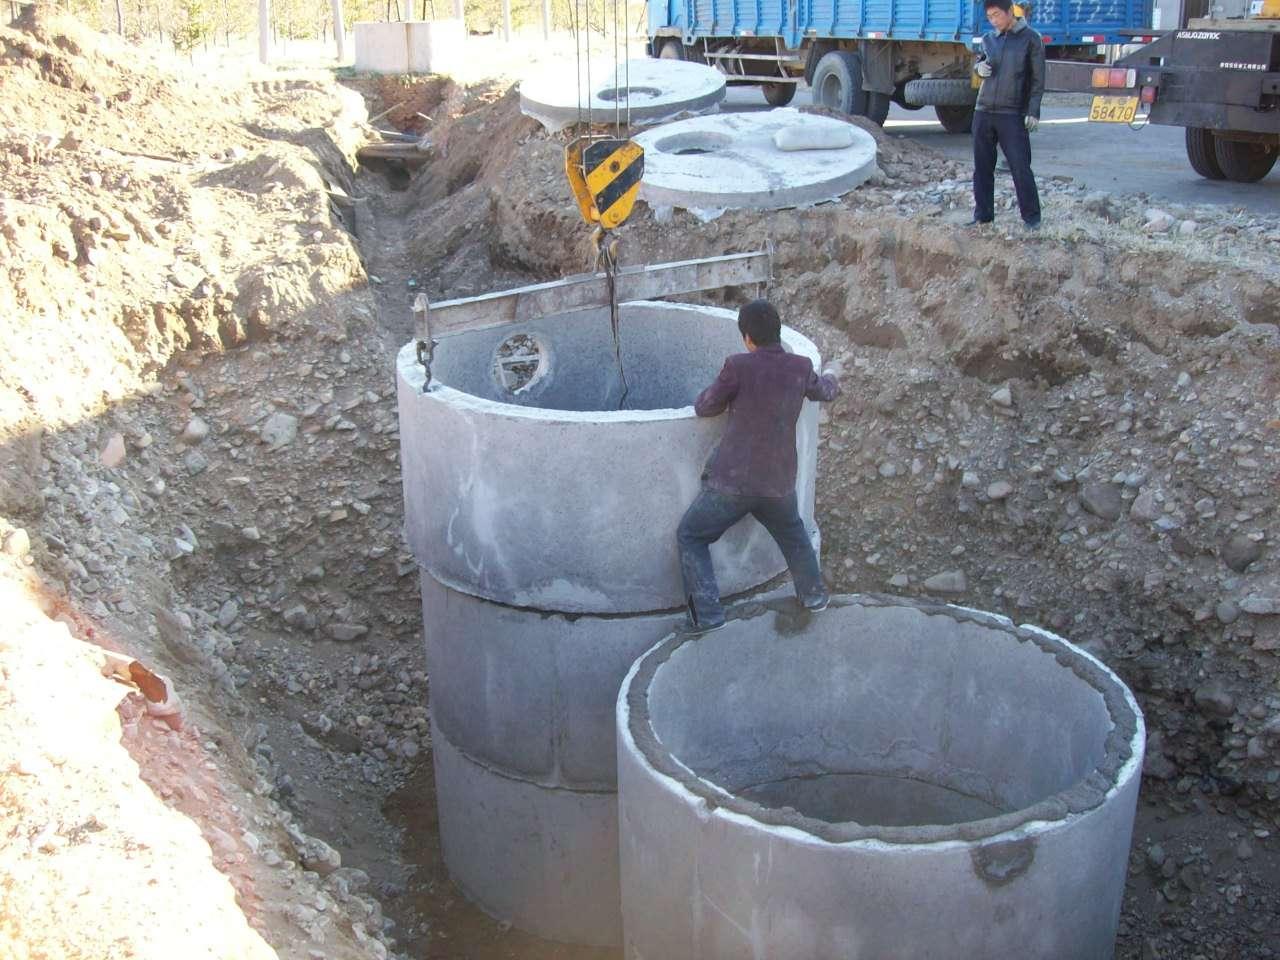 Les fosses septiques doivent désormais traiter toutes les eaux usées. © Bertrouf, Wikimedia commons, CC BY-SA 3.0